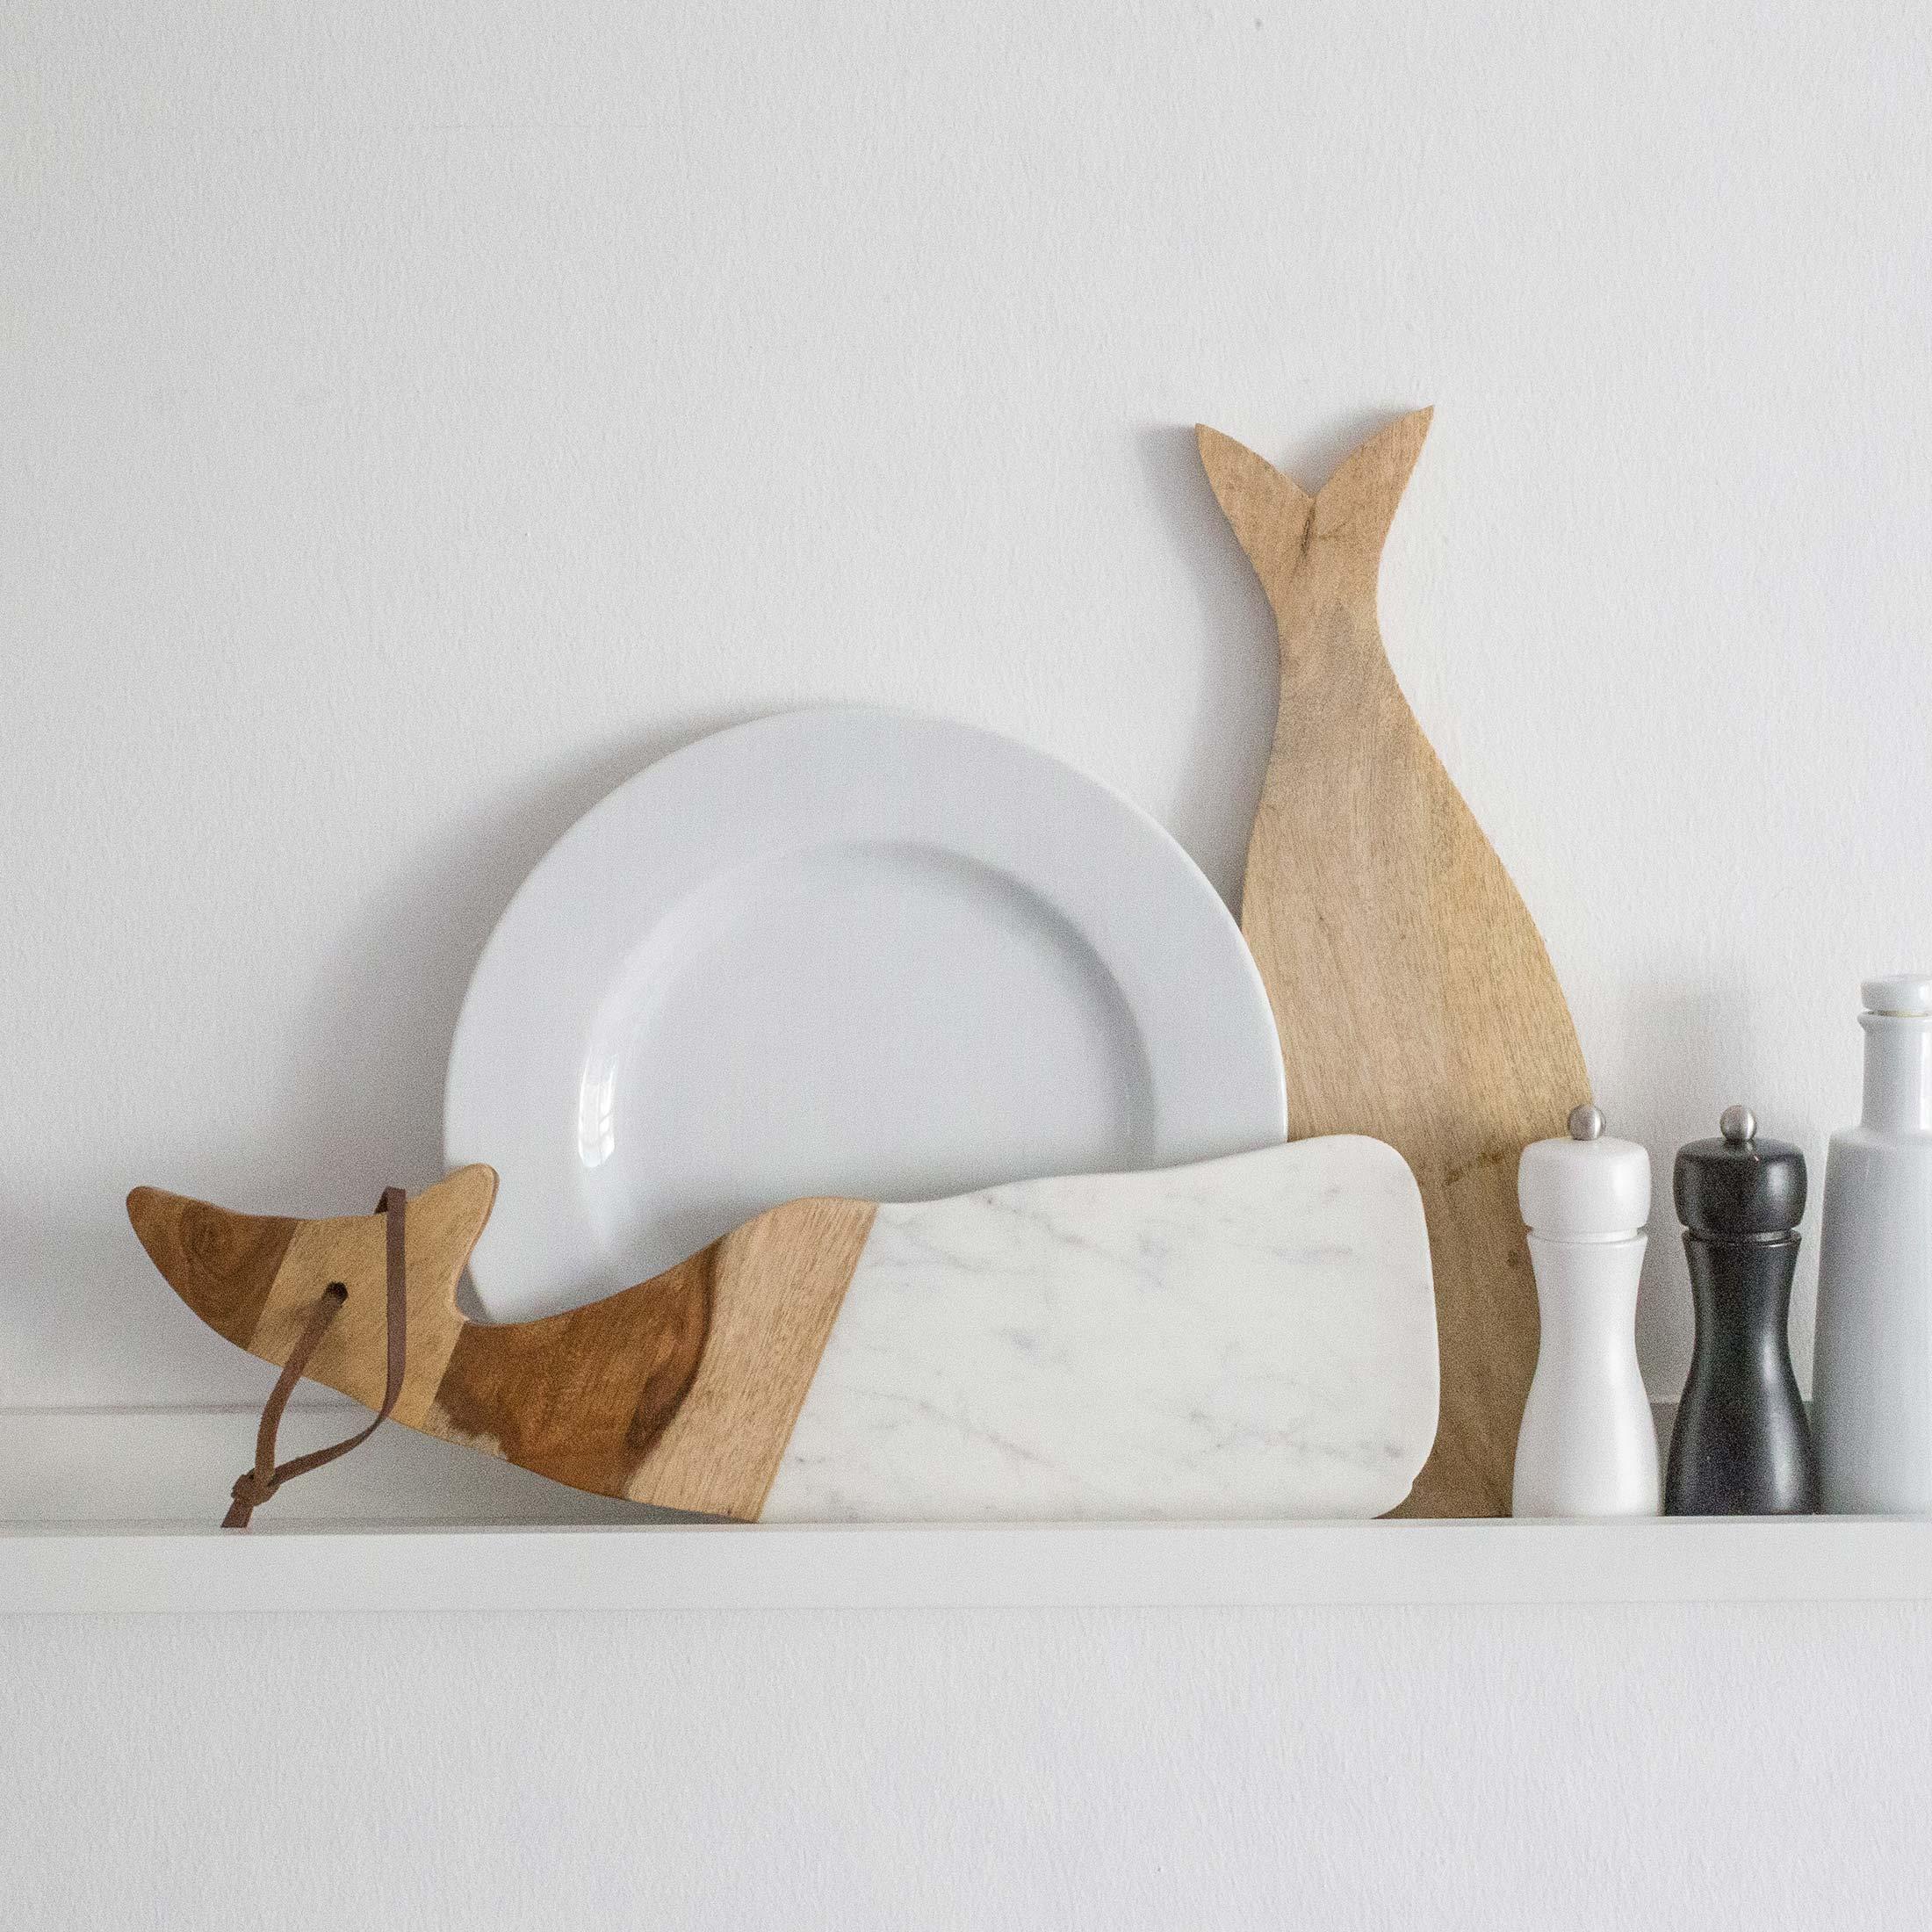 HolzBrett aus lebensmittelechtem Mangoholz mit Marmor | in Form eines süßen Walfisches. Entdecken Sie die hochwertigen Schneidebretter von der Marke Be Home